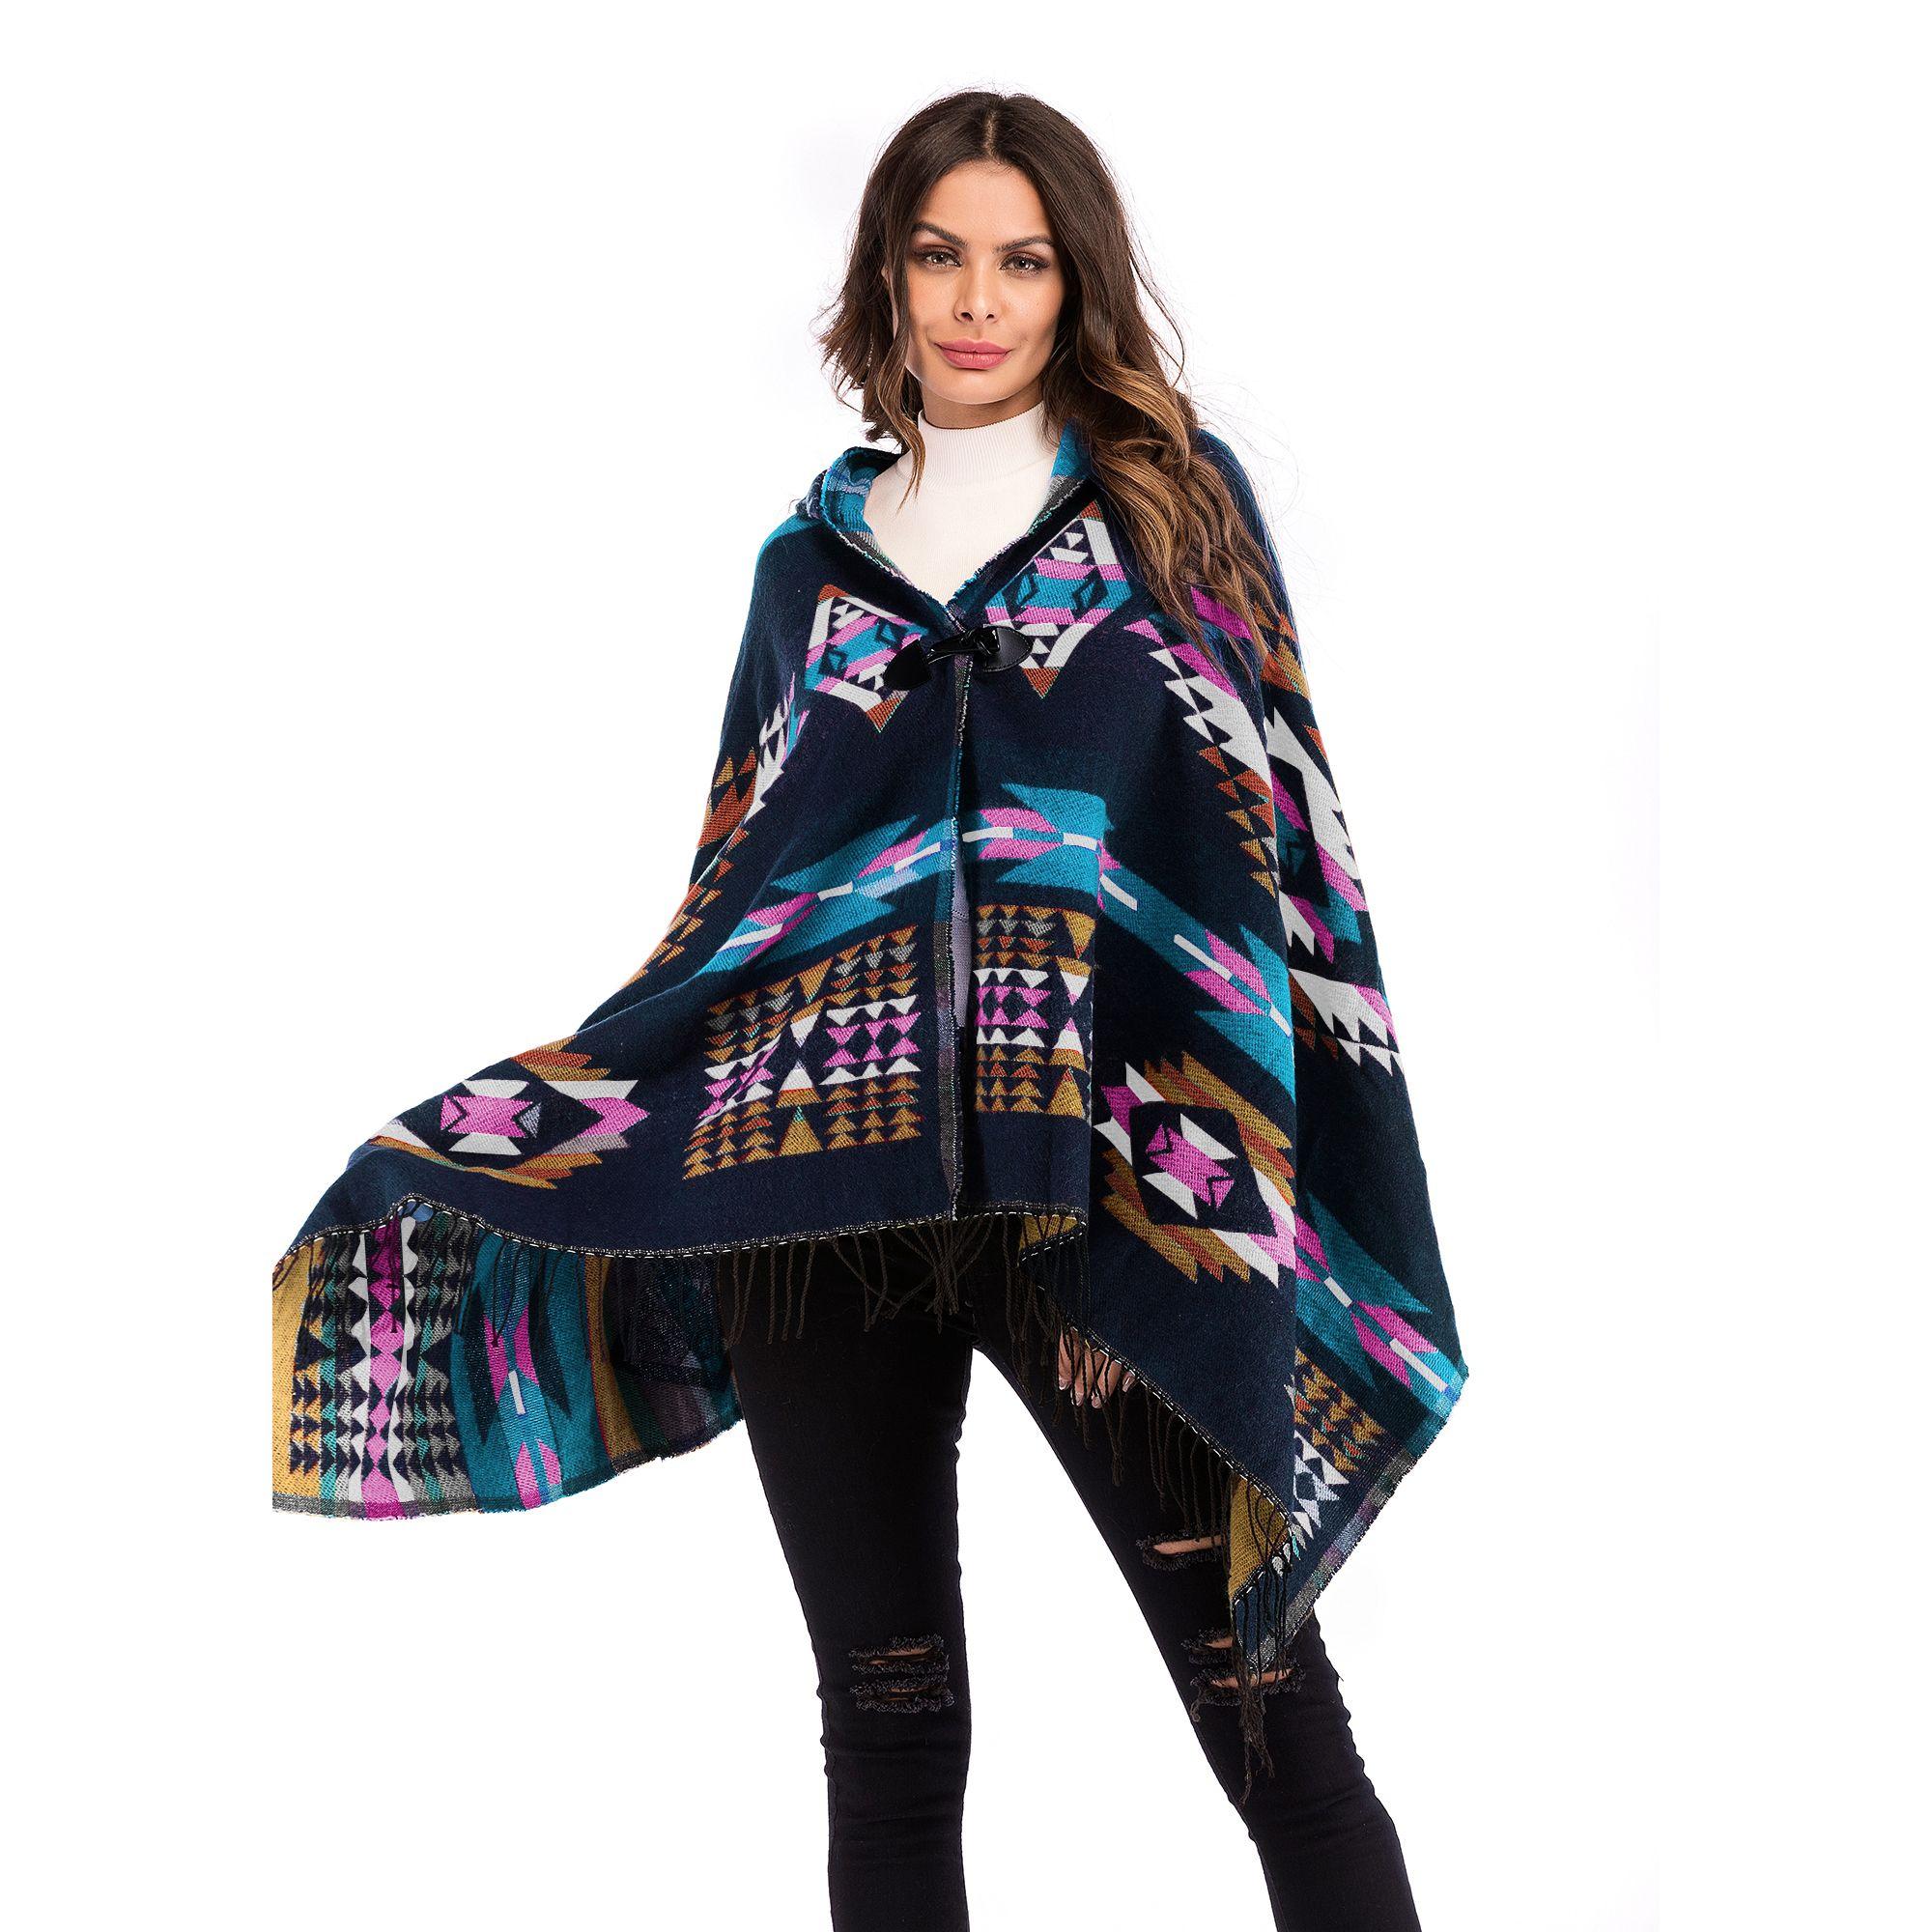 e765f5f34a Compre Senhoras Outwear Casacos Borlas Padrão Geométrico Tamanho Grande  Estilo Étnico 2 Cores Livre Mulheres Do Vintage Capa Solta De Hentika